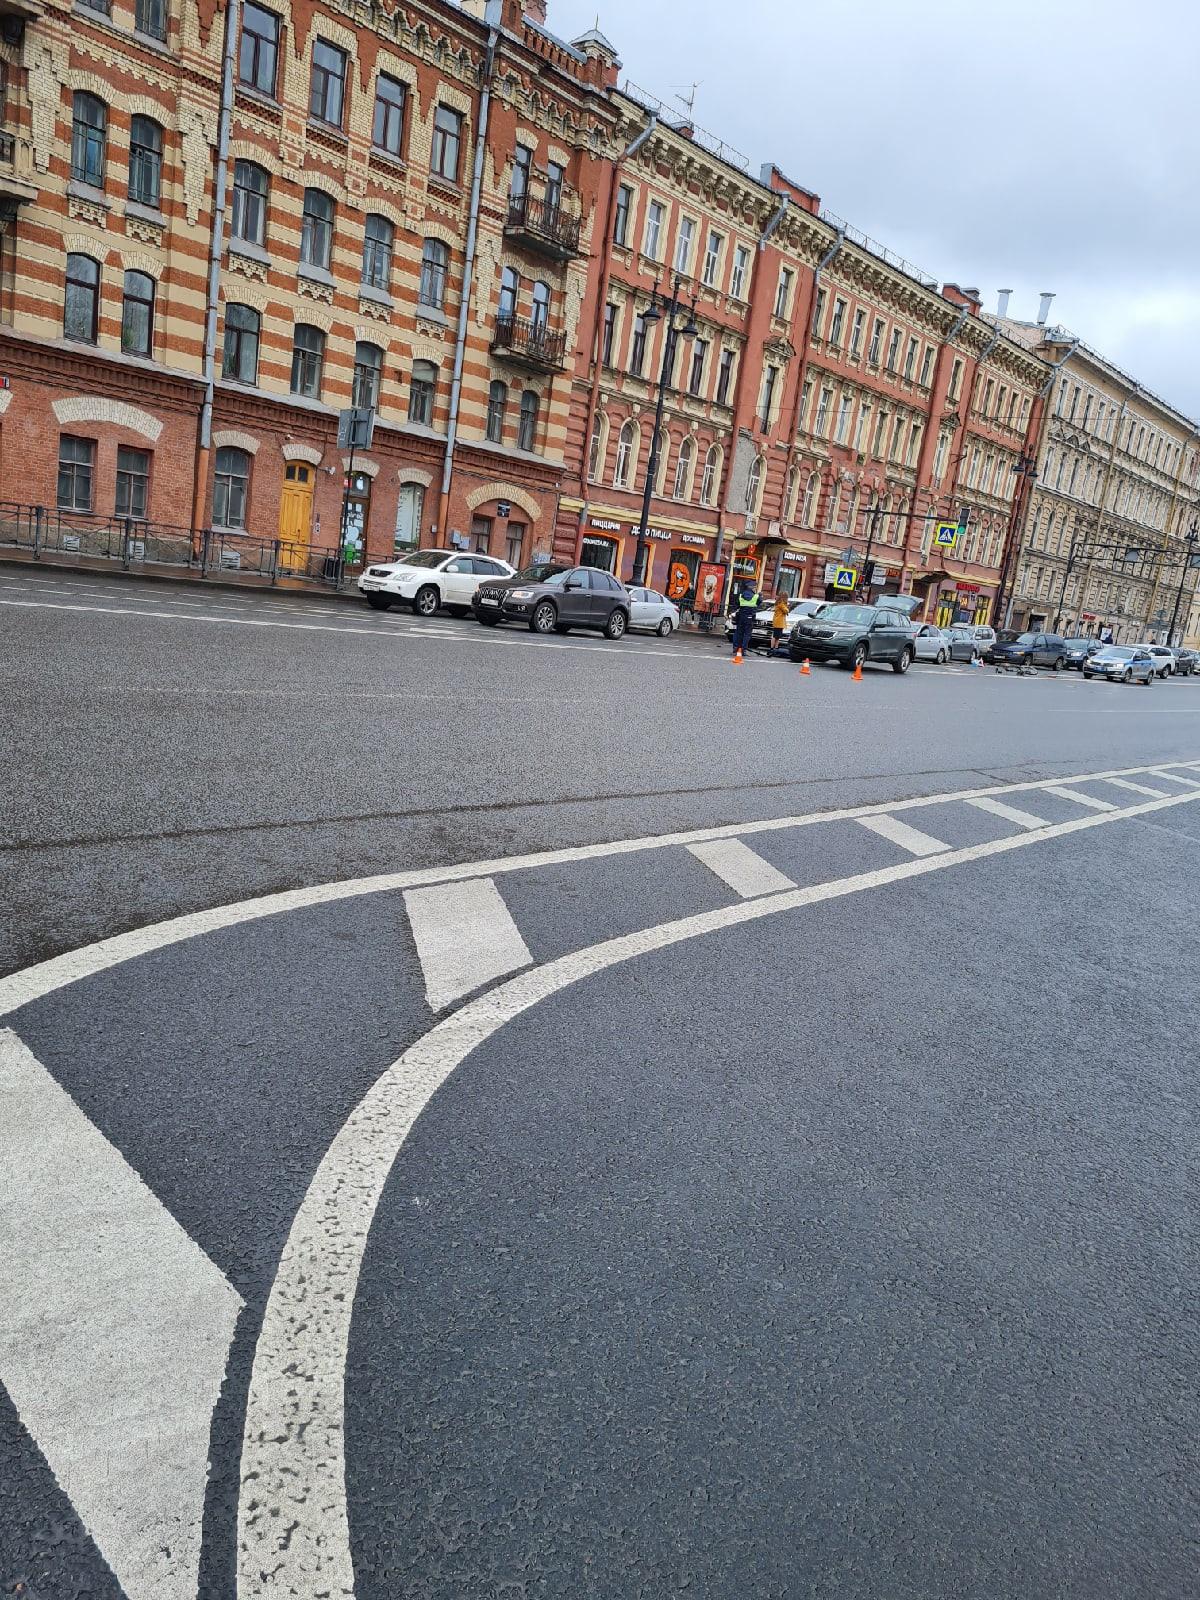 Юный велосипедист, ехавший посреди Московского, сбит машиной. На видео попало одинокое колесо